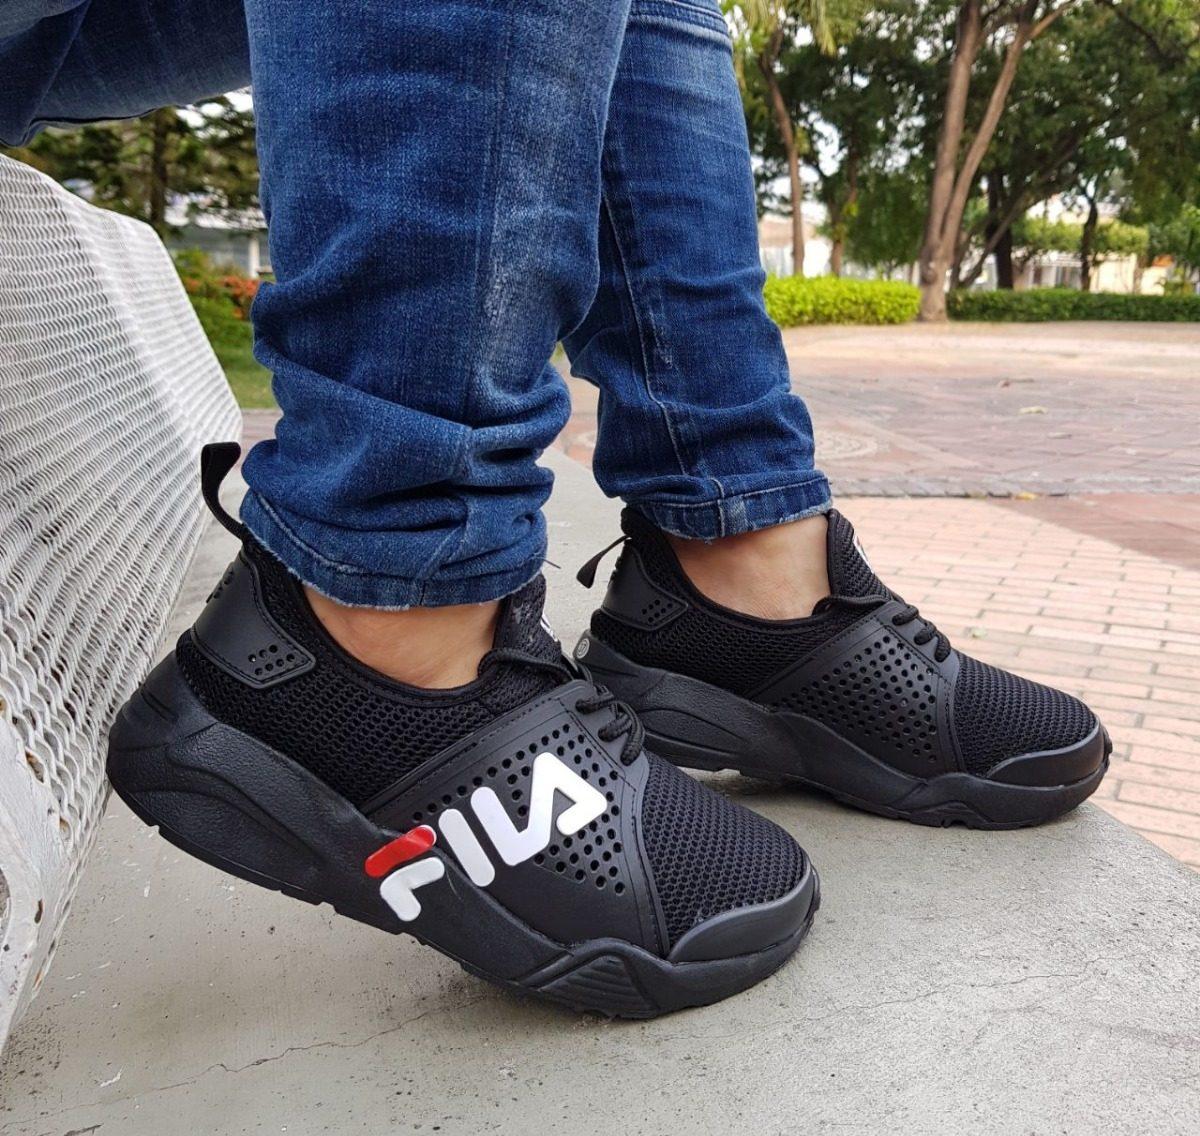 Tenis Fila Zapato Deportivo Hombre Caballero Fila